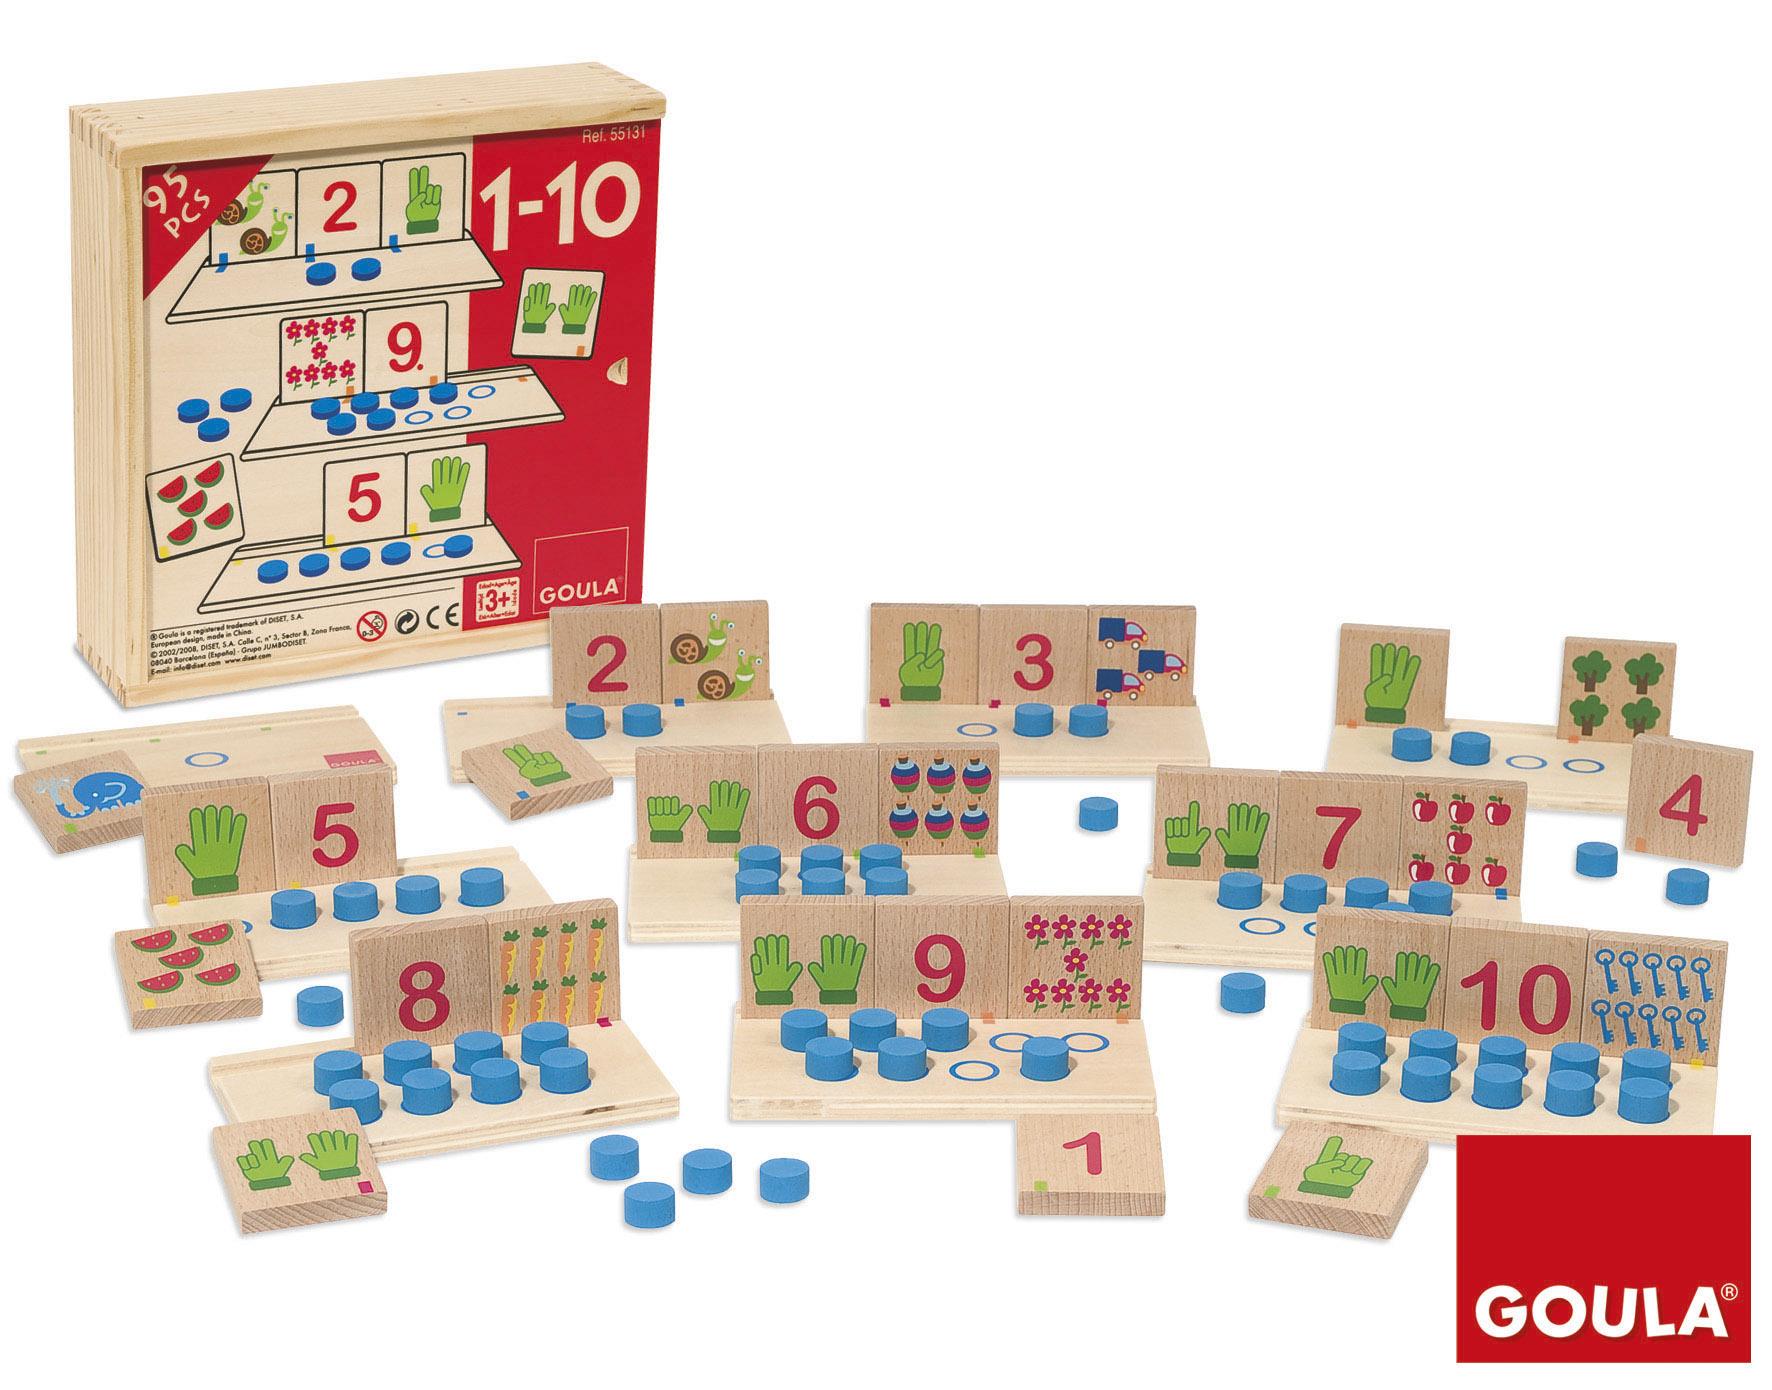 Joc matematic de asociere a numerelor de 1 la 10 cu 95 de piese din lemn imagine edituradiana.ro